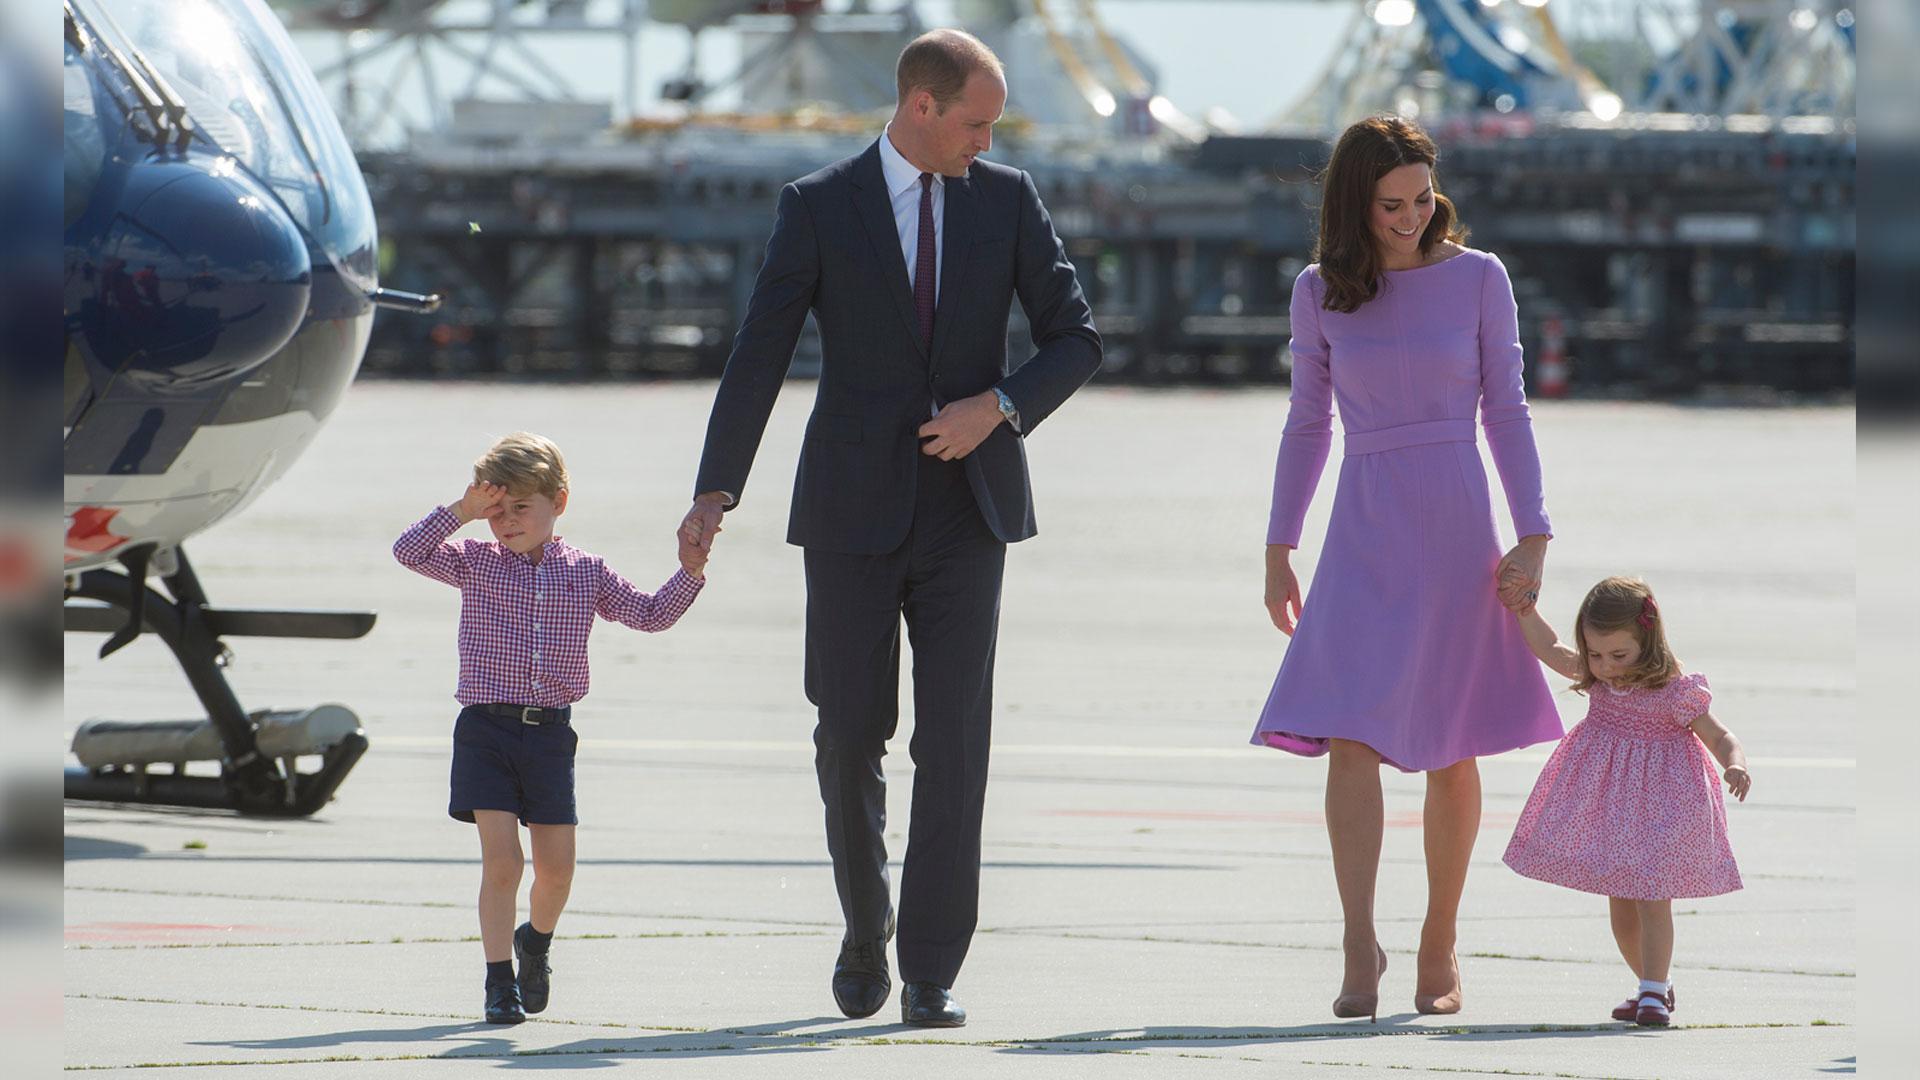 Kate Middleton y su esposo el príncipe William realizaron una gira por Alemania y Polonia junto con sus hijos, George y Charlotte. Una vez más impactaron por un look elegante y simbiótico (Getty)